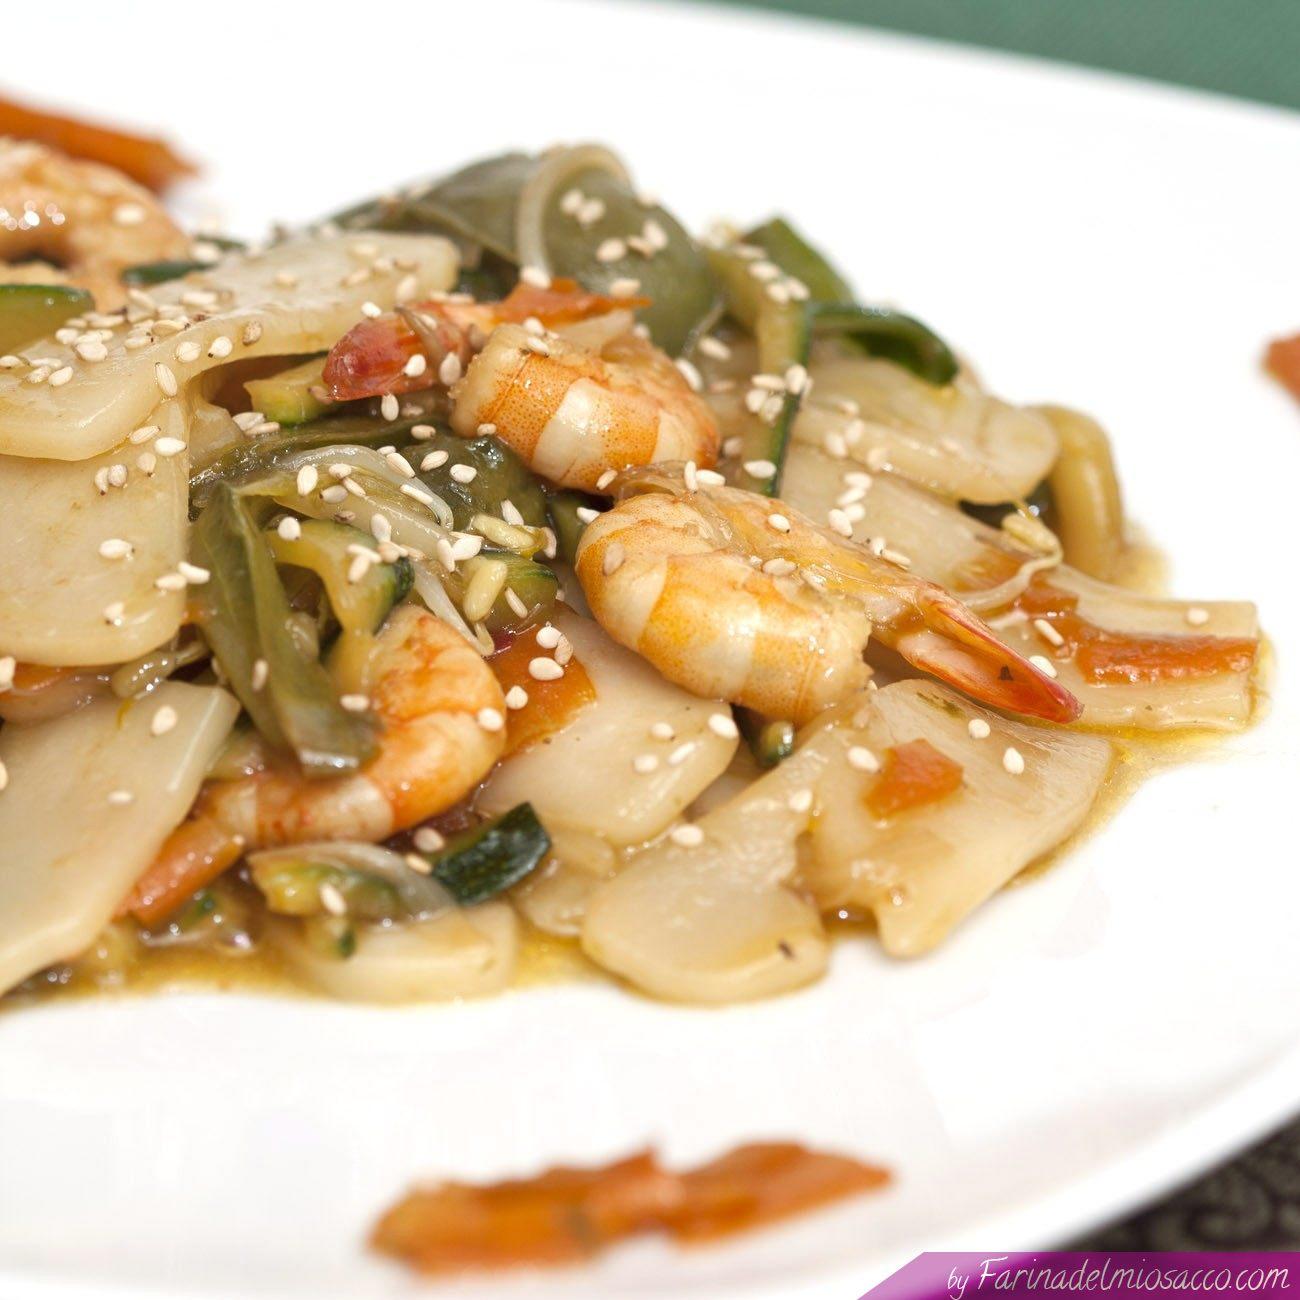 Ricetta Gnocchi Di Riso Cinesi.Gnocchi Di Riso Saltati Con Gamberi E Verdure Primo Della Cucina Cinese